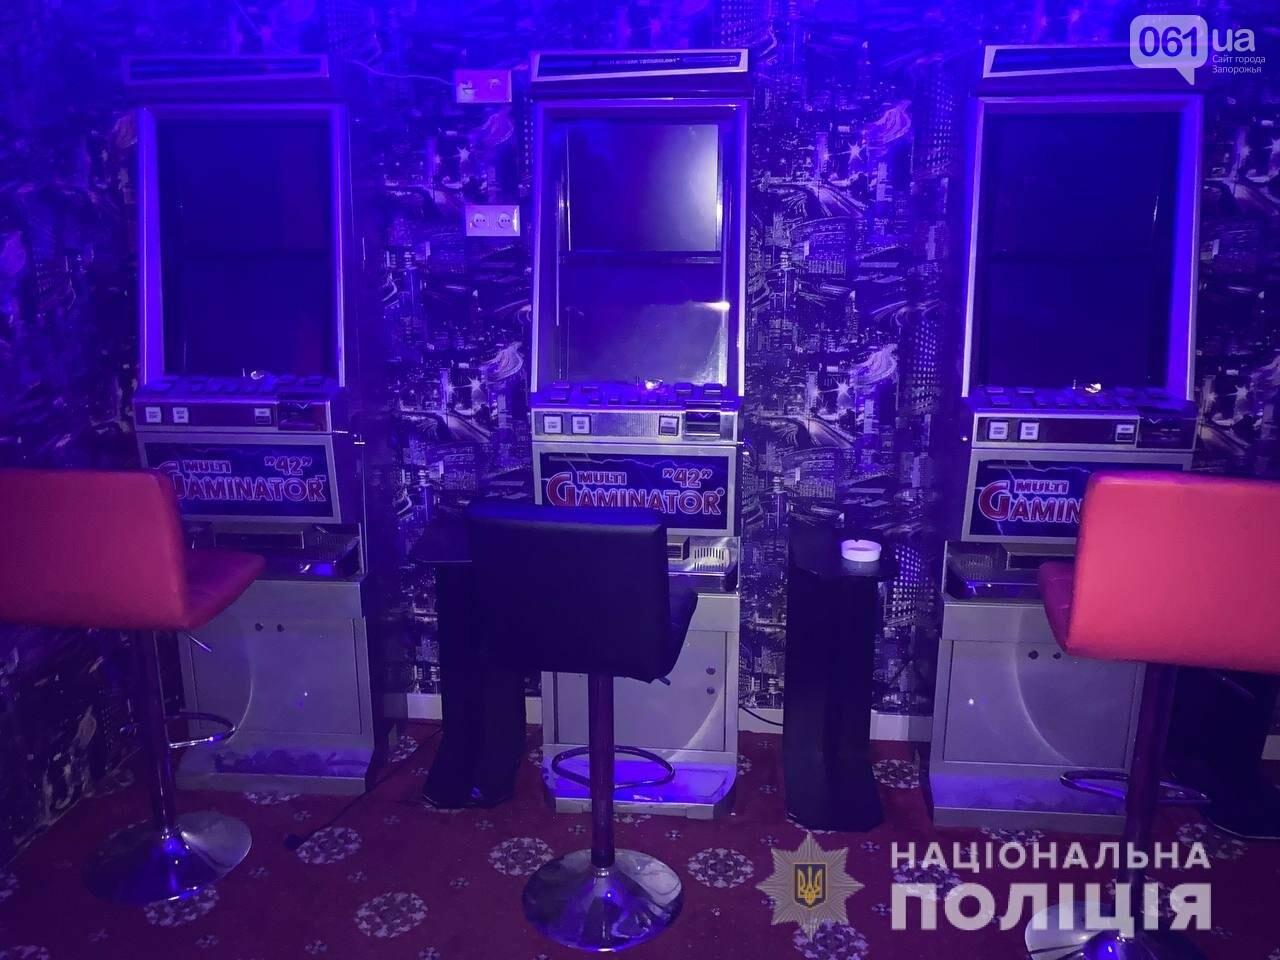 igor2 60e6abac7abae - В Запорожье подпольное игровое заведение в третий раз возобновляет свою работу после визита полиции